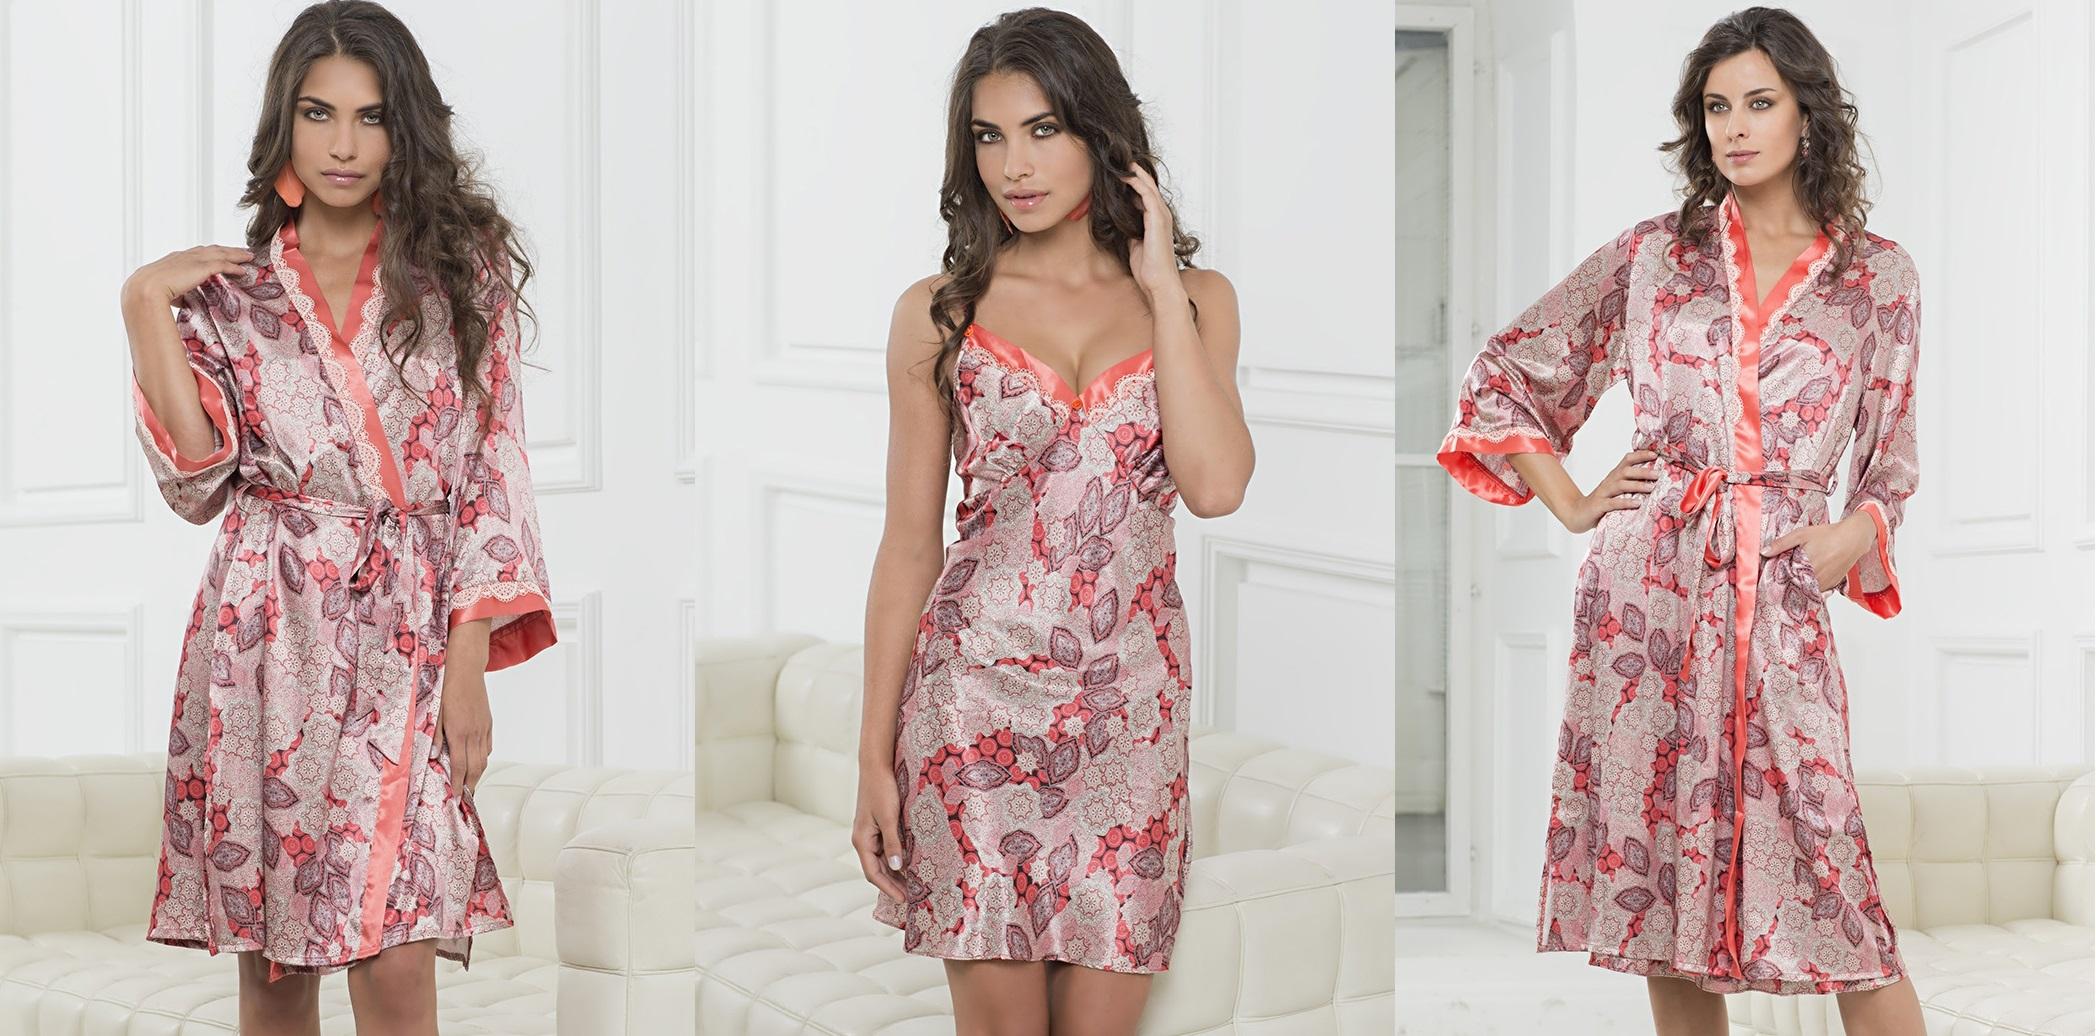 Ночные сорочки халаты шелк Shafran MIA-MIA купить в интернет магазине Киев relish.com.ua